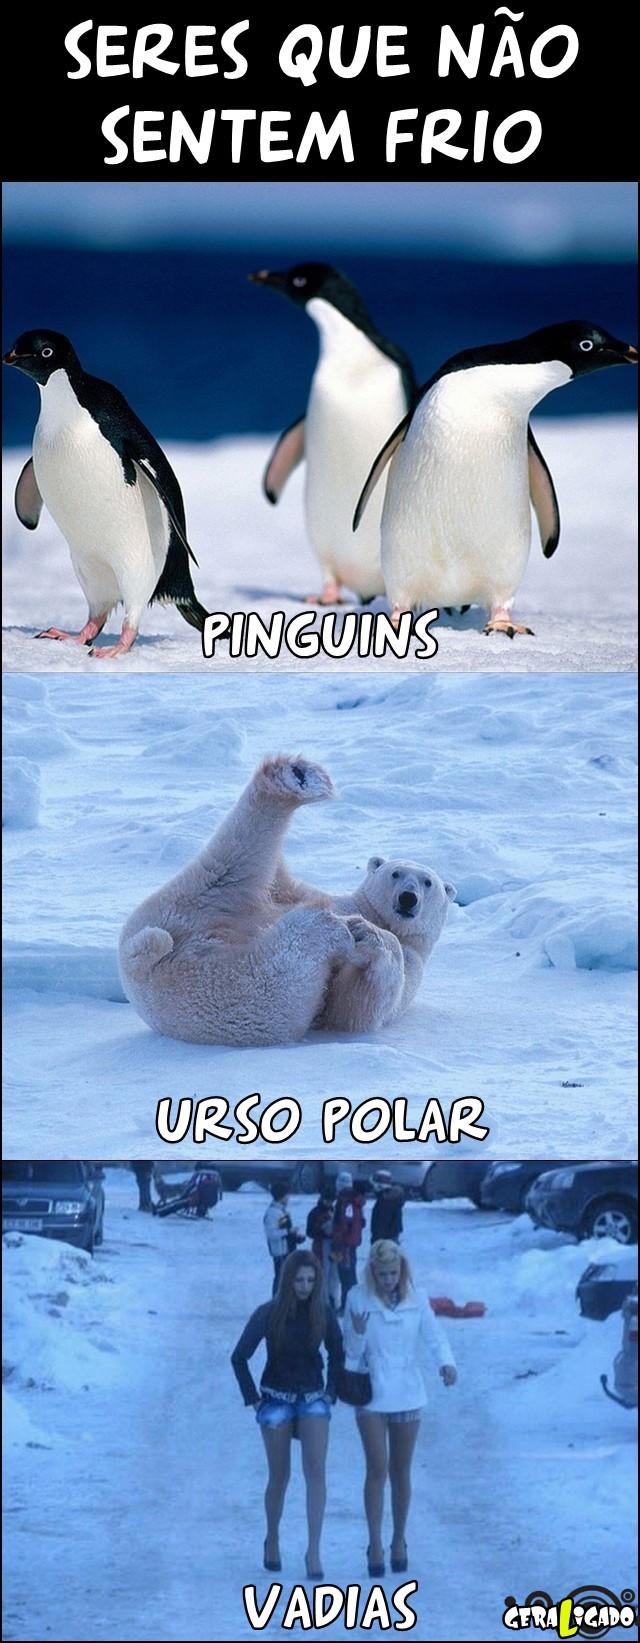 Seres que não sentem frio!